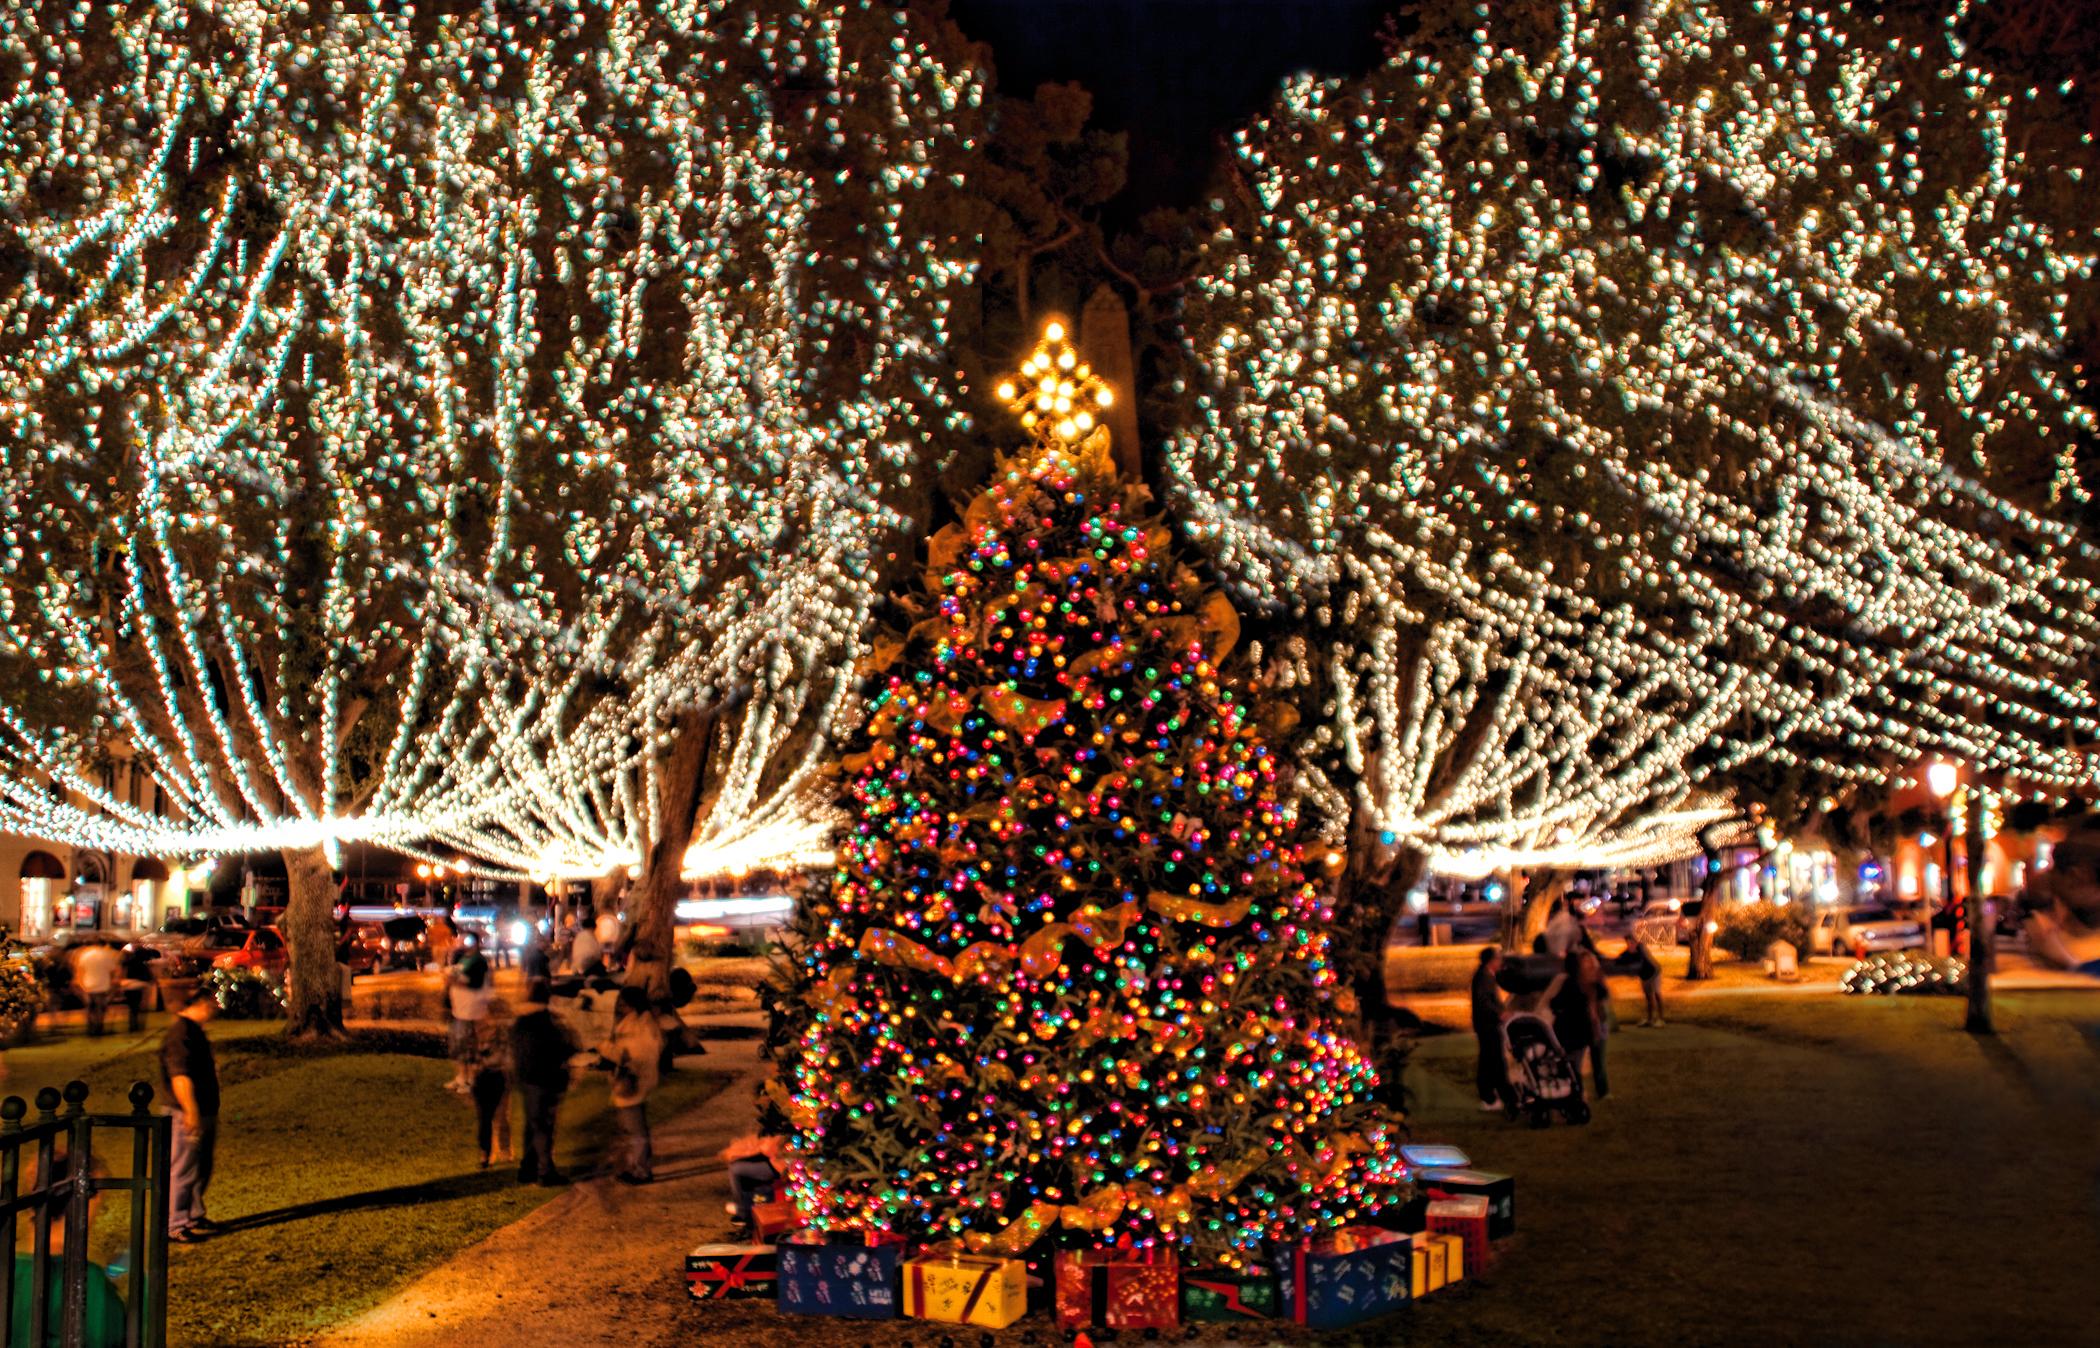 Nights of Lights tree